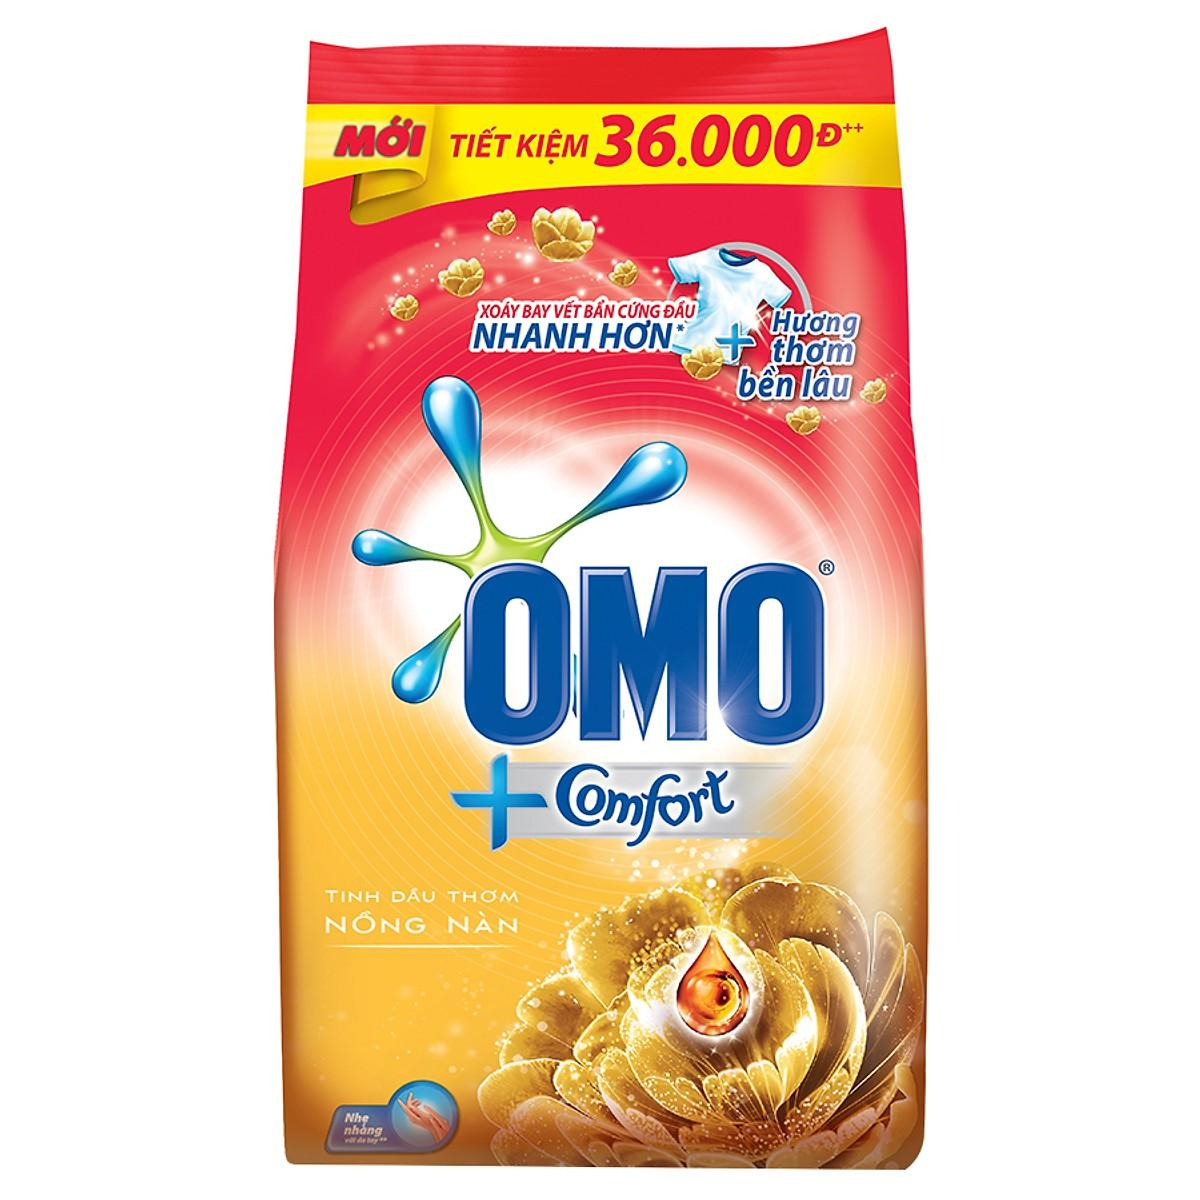 Bột Giặt Omo Comfort Tinh Dầu Thơm Nồng Nàn (4kg) Cùng Giá Khuyến Mãi Hot